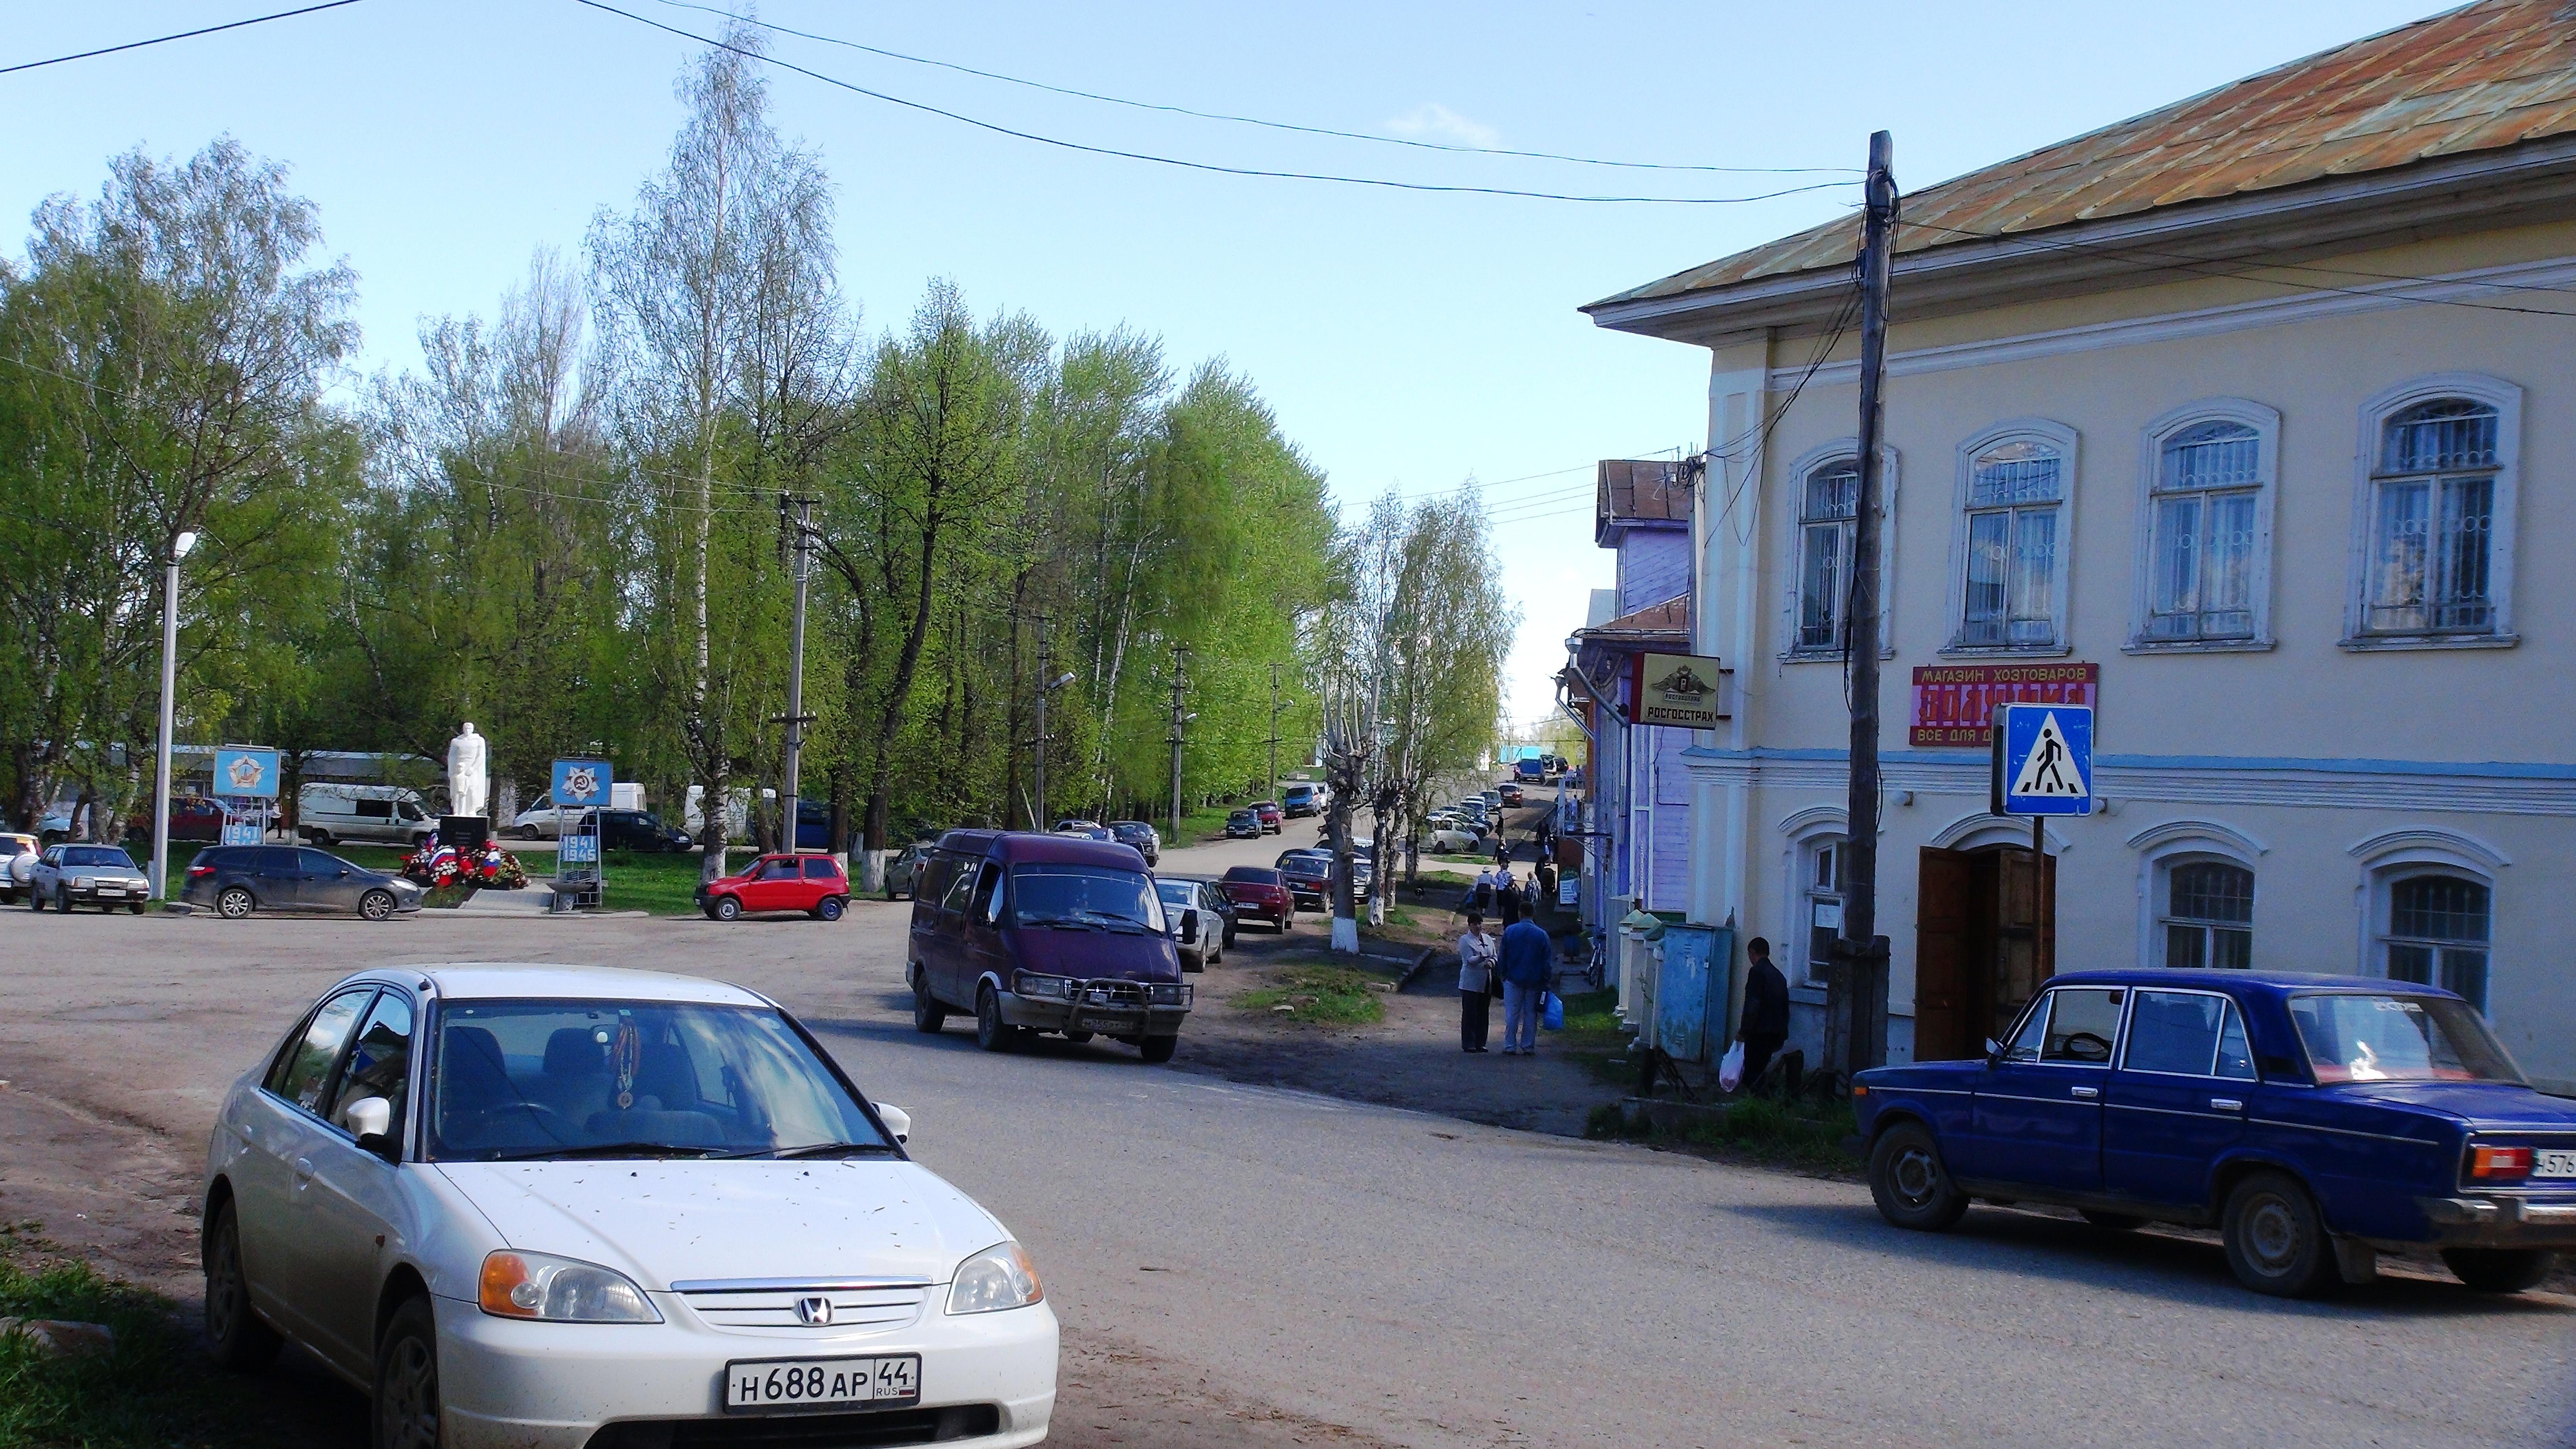 На улицах Чухломы. фото Михаила Шейко, 2014 год.